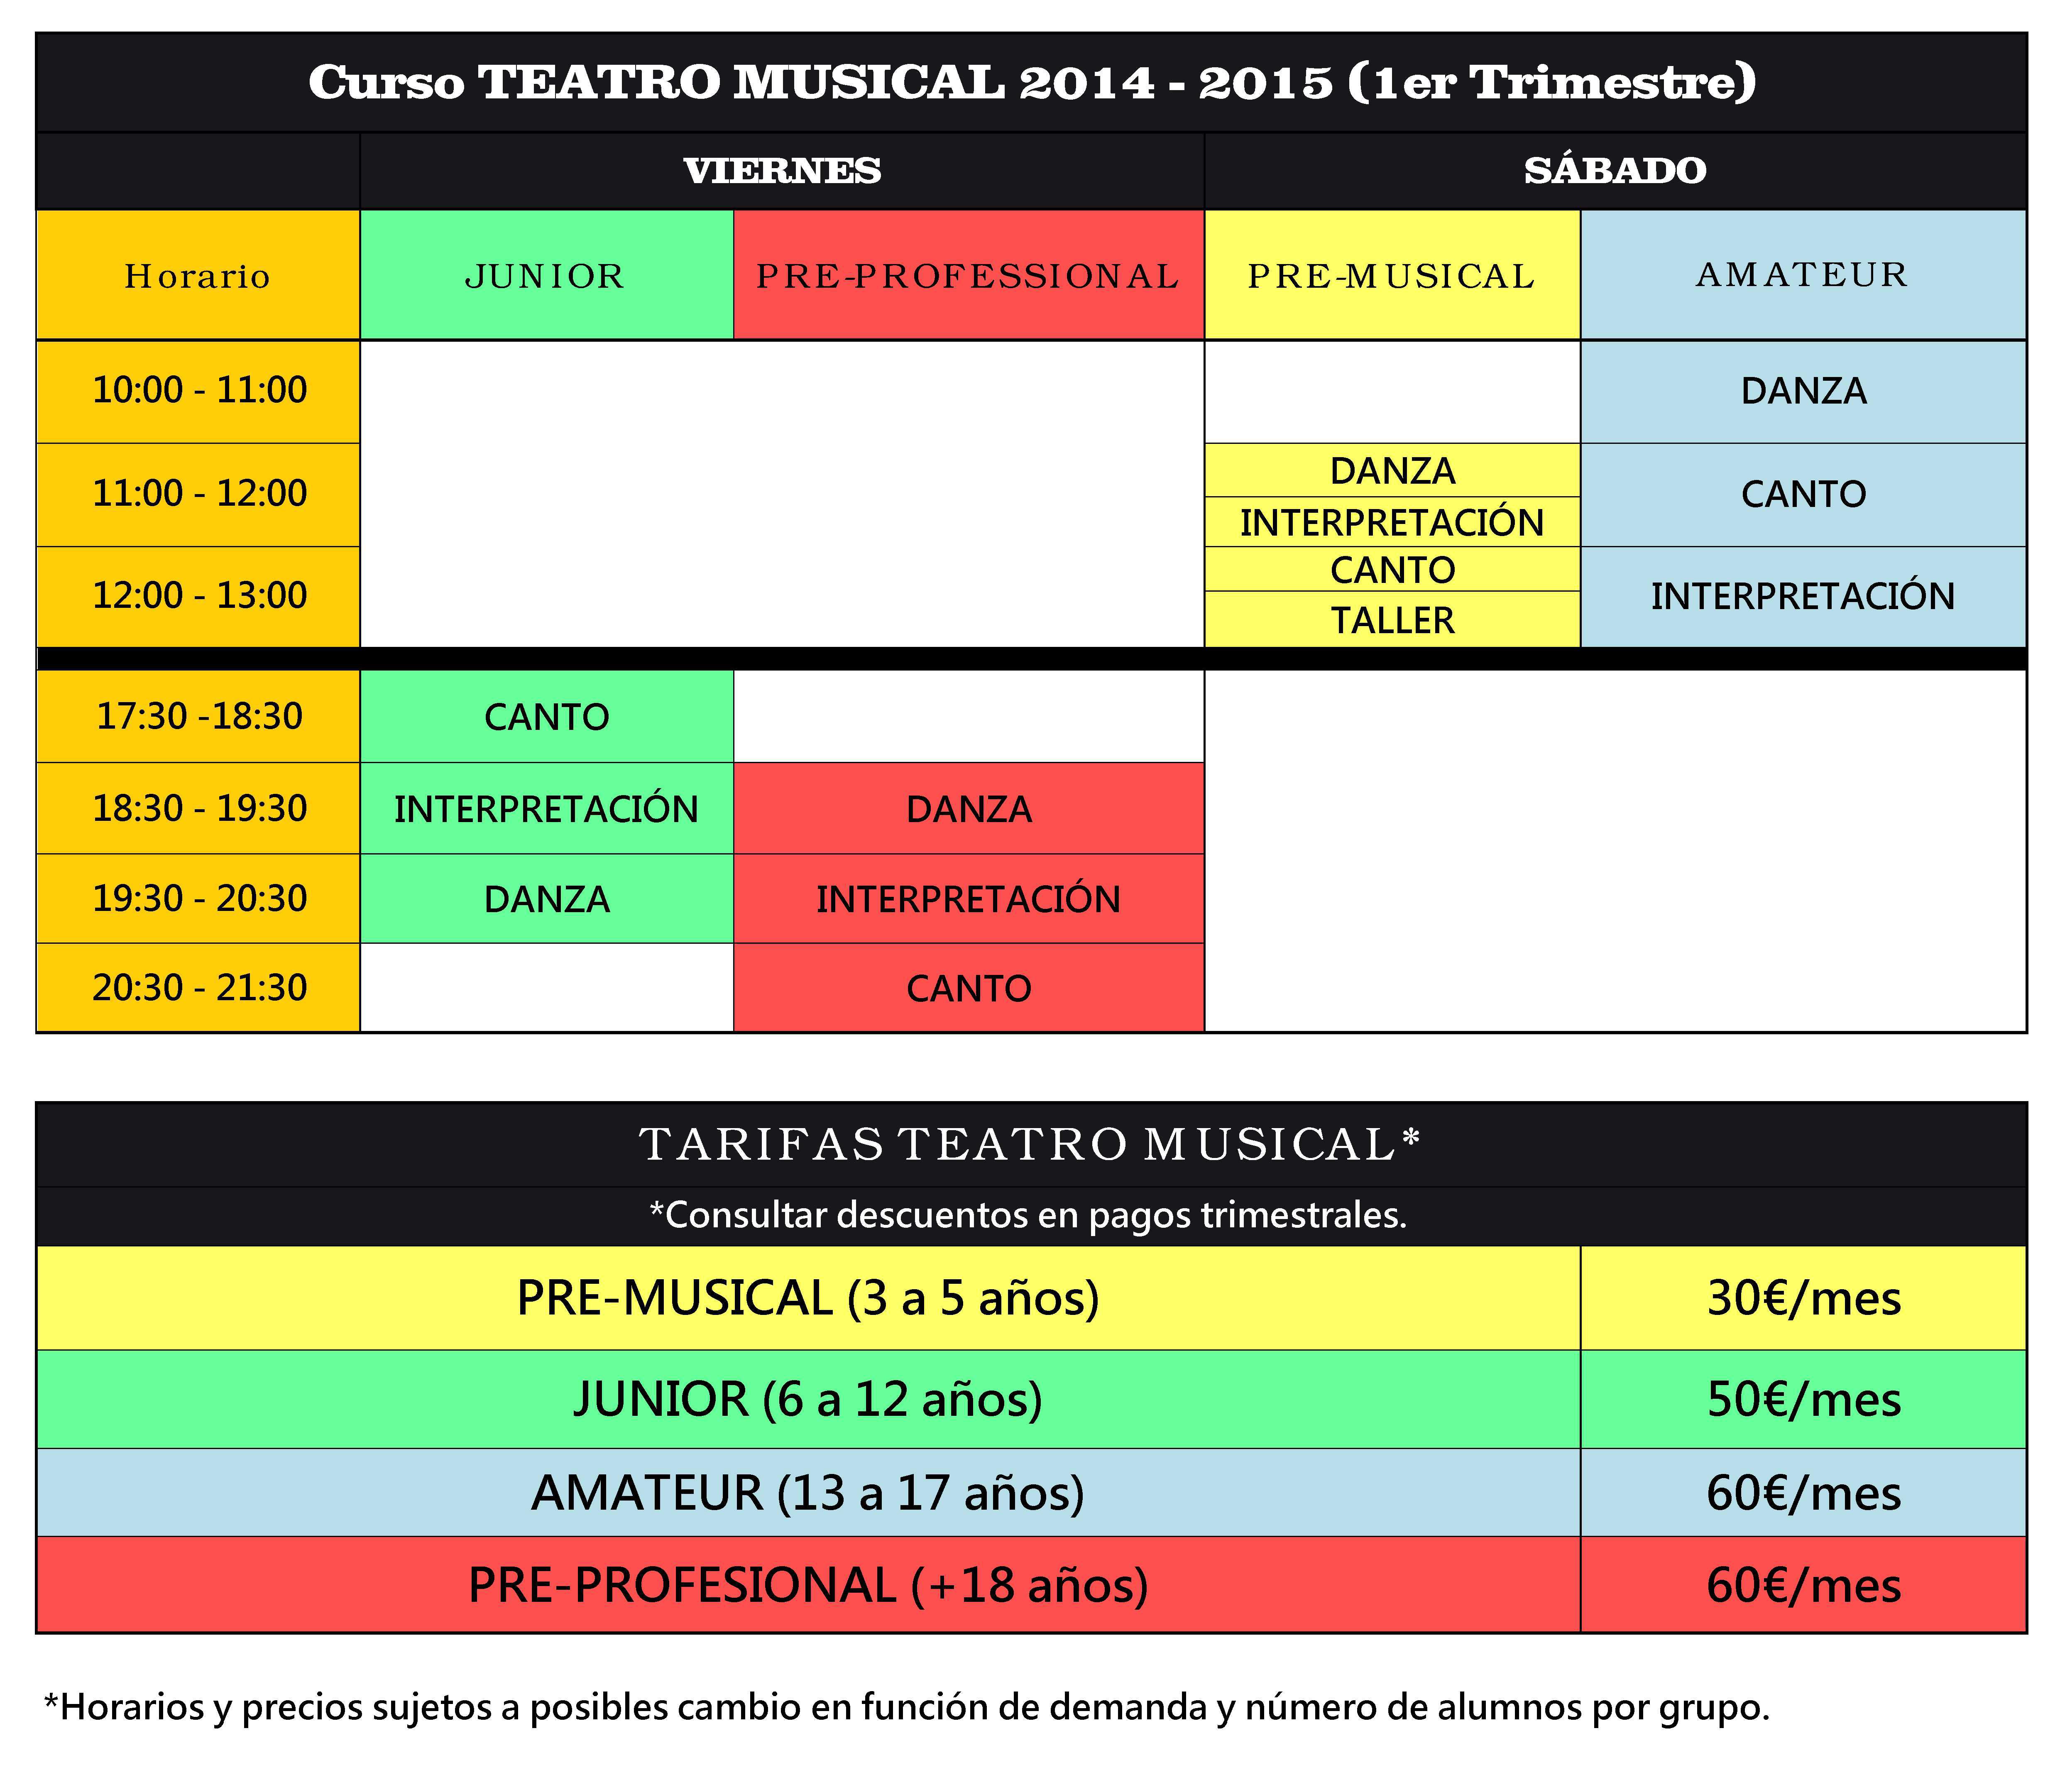 Horarios_Tarifas_Teatro_Musical